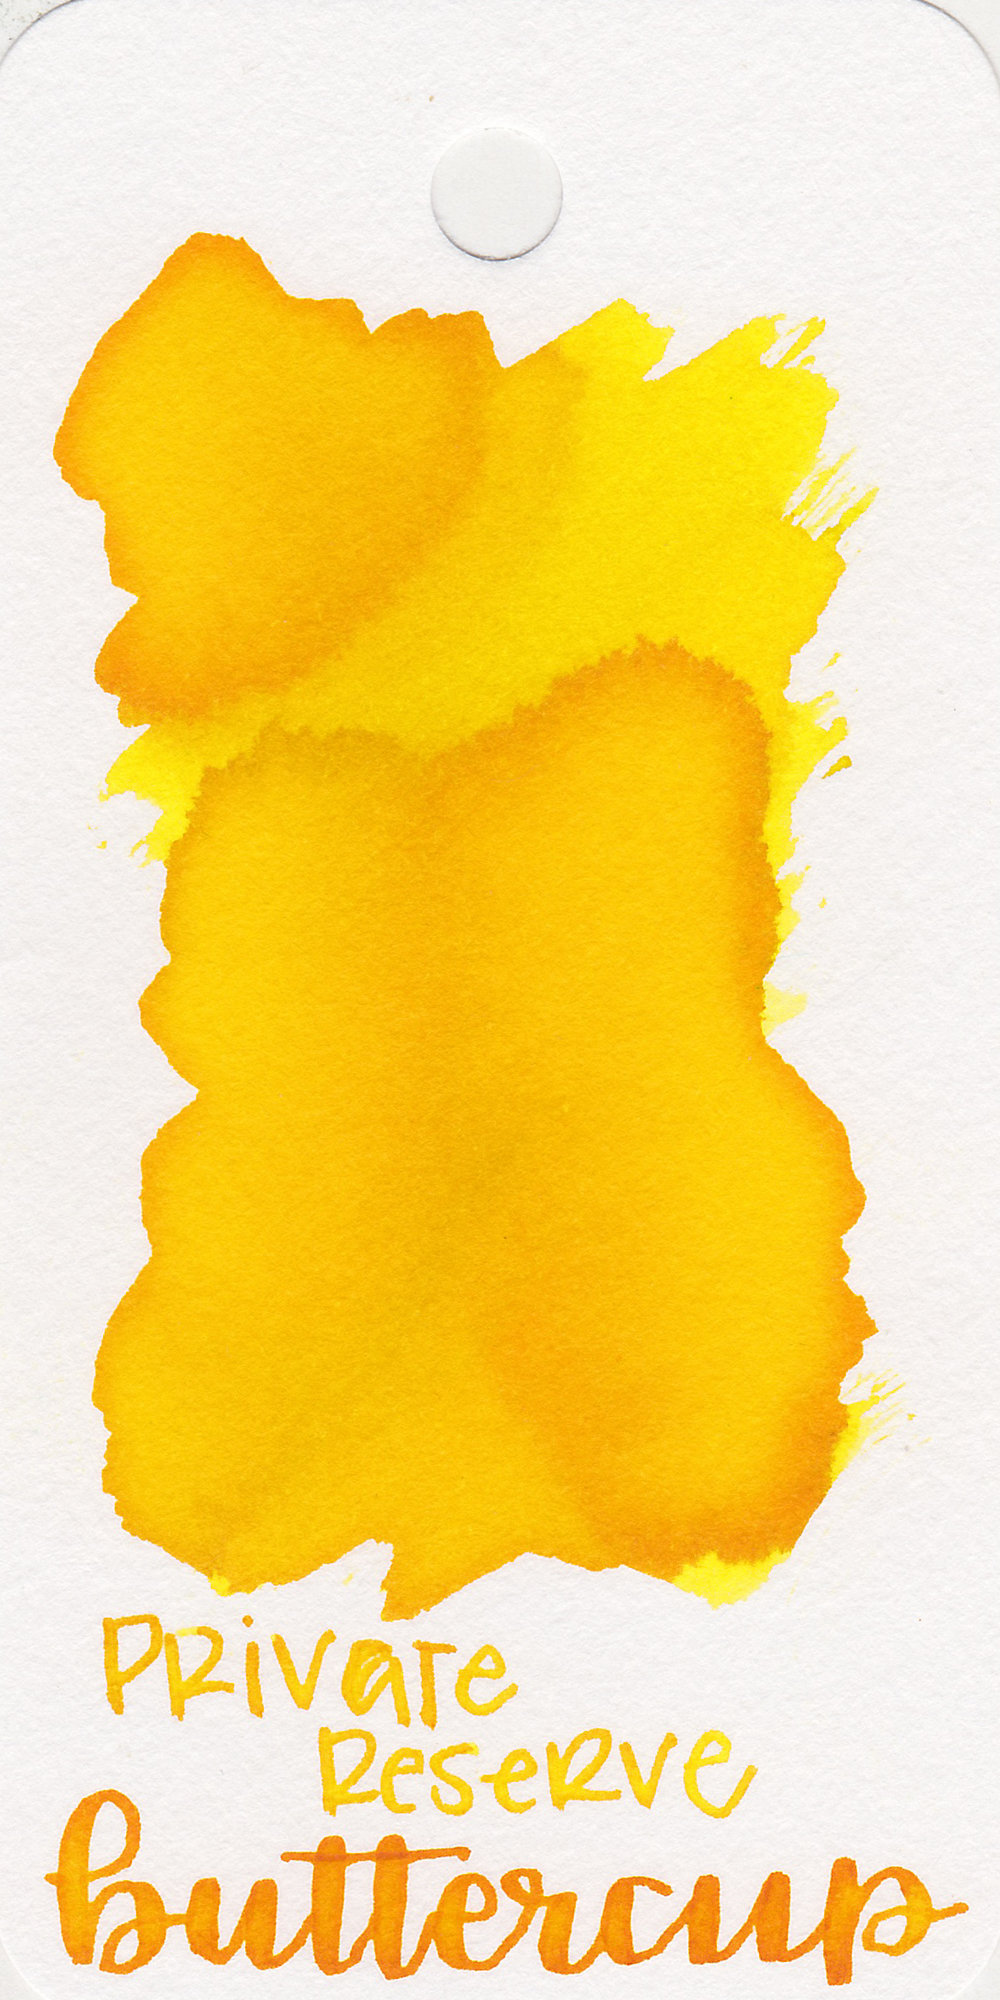 pr-buttercup-1.jpg